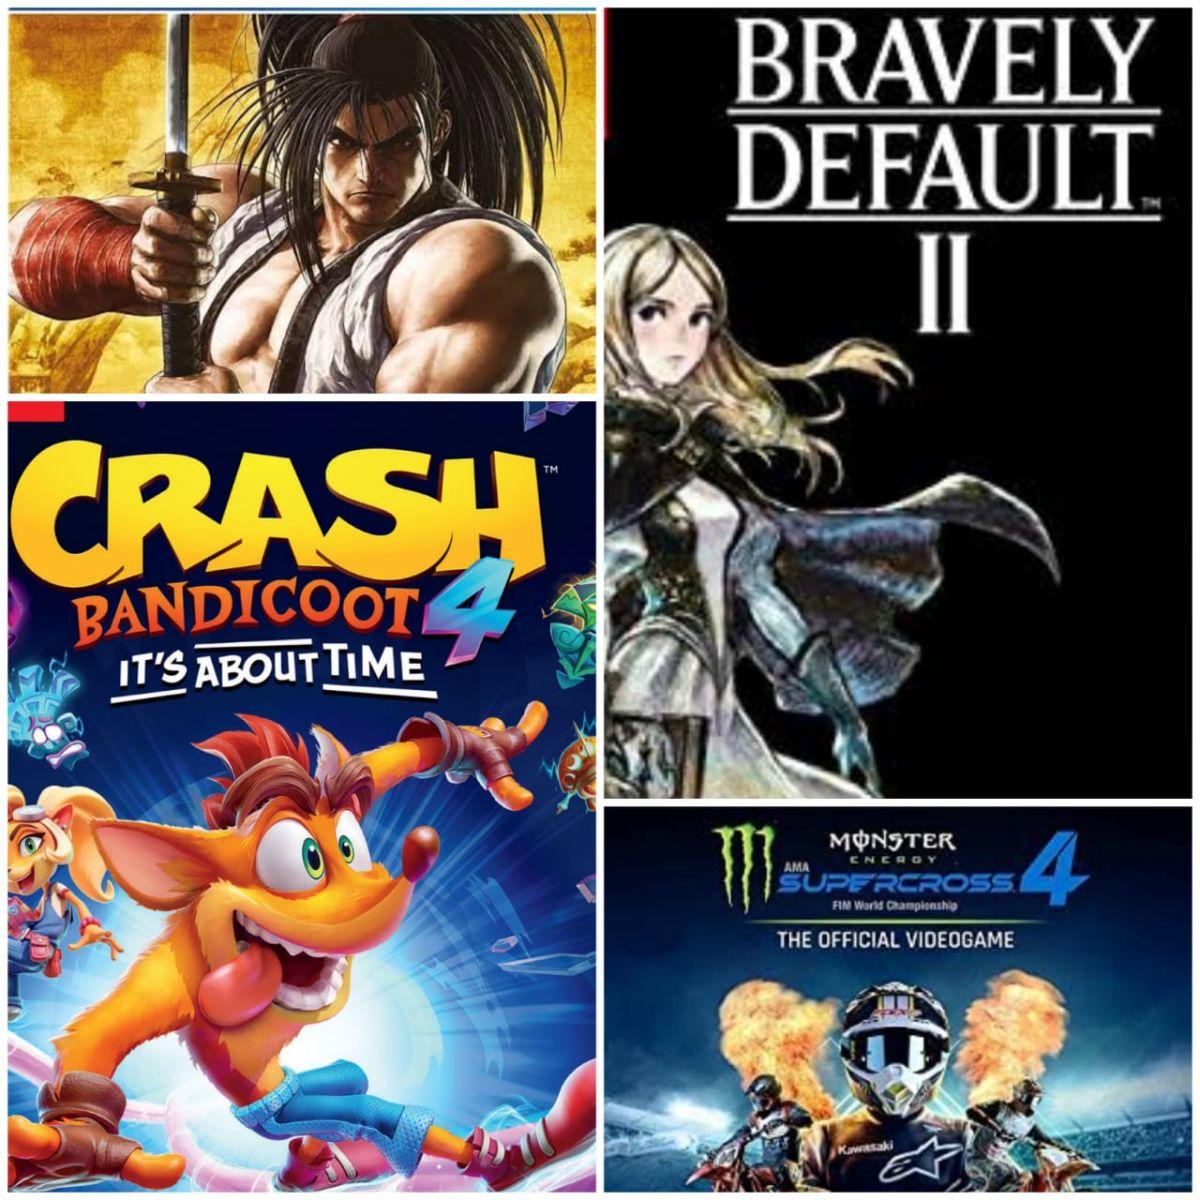 Portadas Bravely Default 2, Crash Bandicoot 4: It's about time, Samurai Shodown SE y Monster Energy Supercross 4.